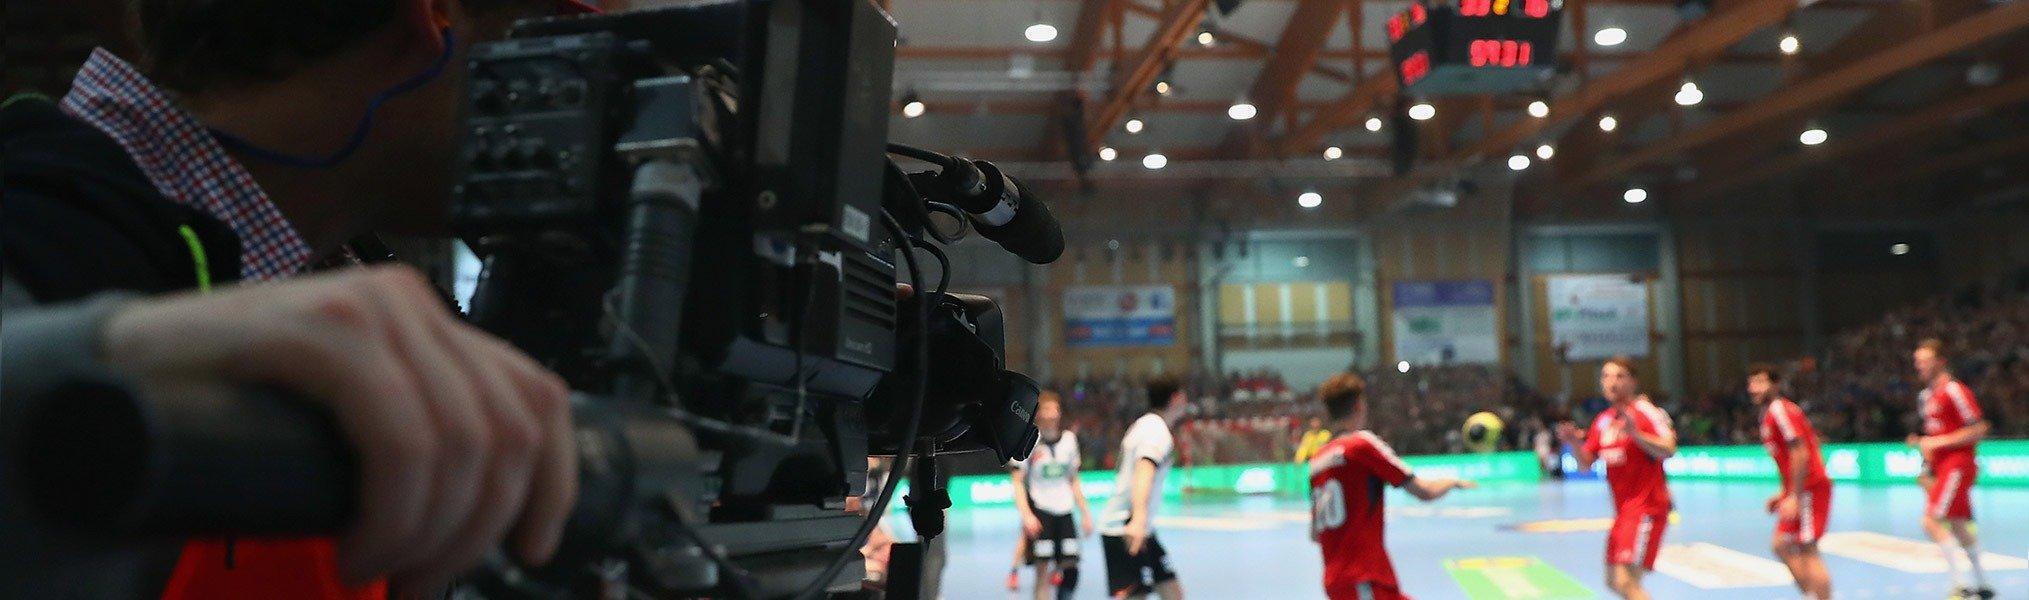 Volejbol onlajn pryamye translyatsii gde smotret